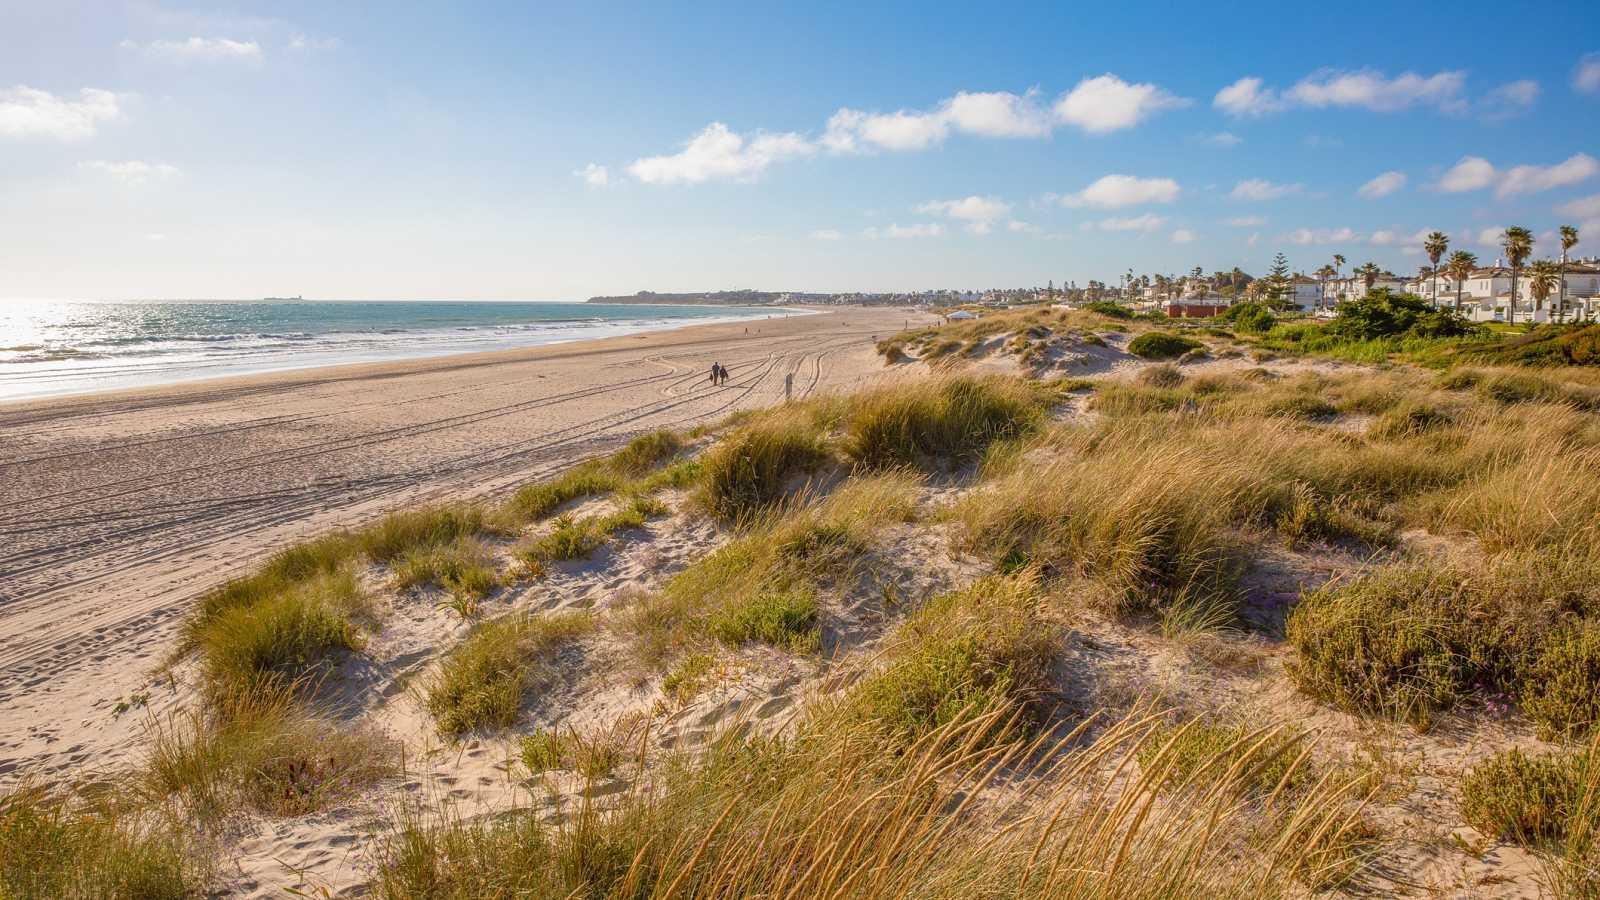 Playa de la Barrosa, en Chiclana de la Frontera